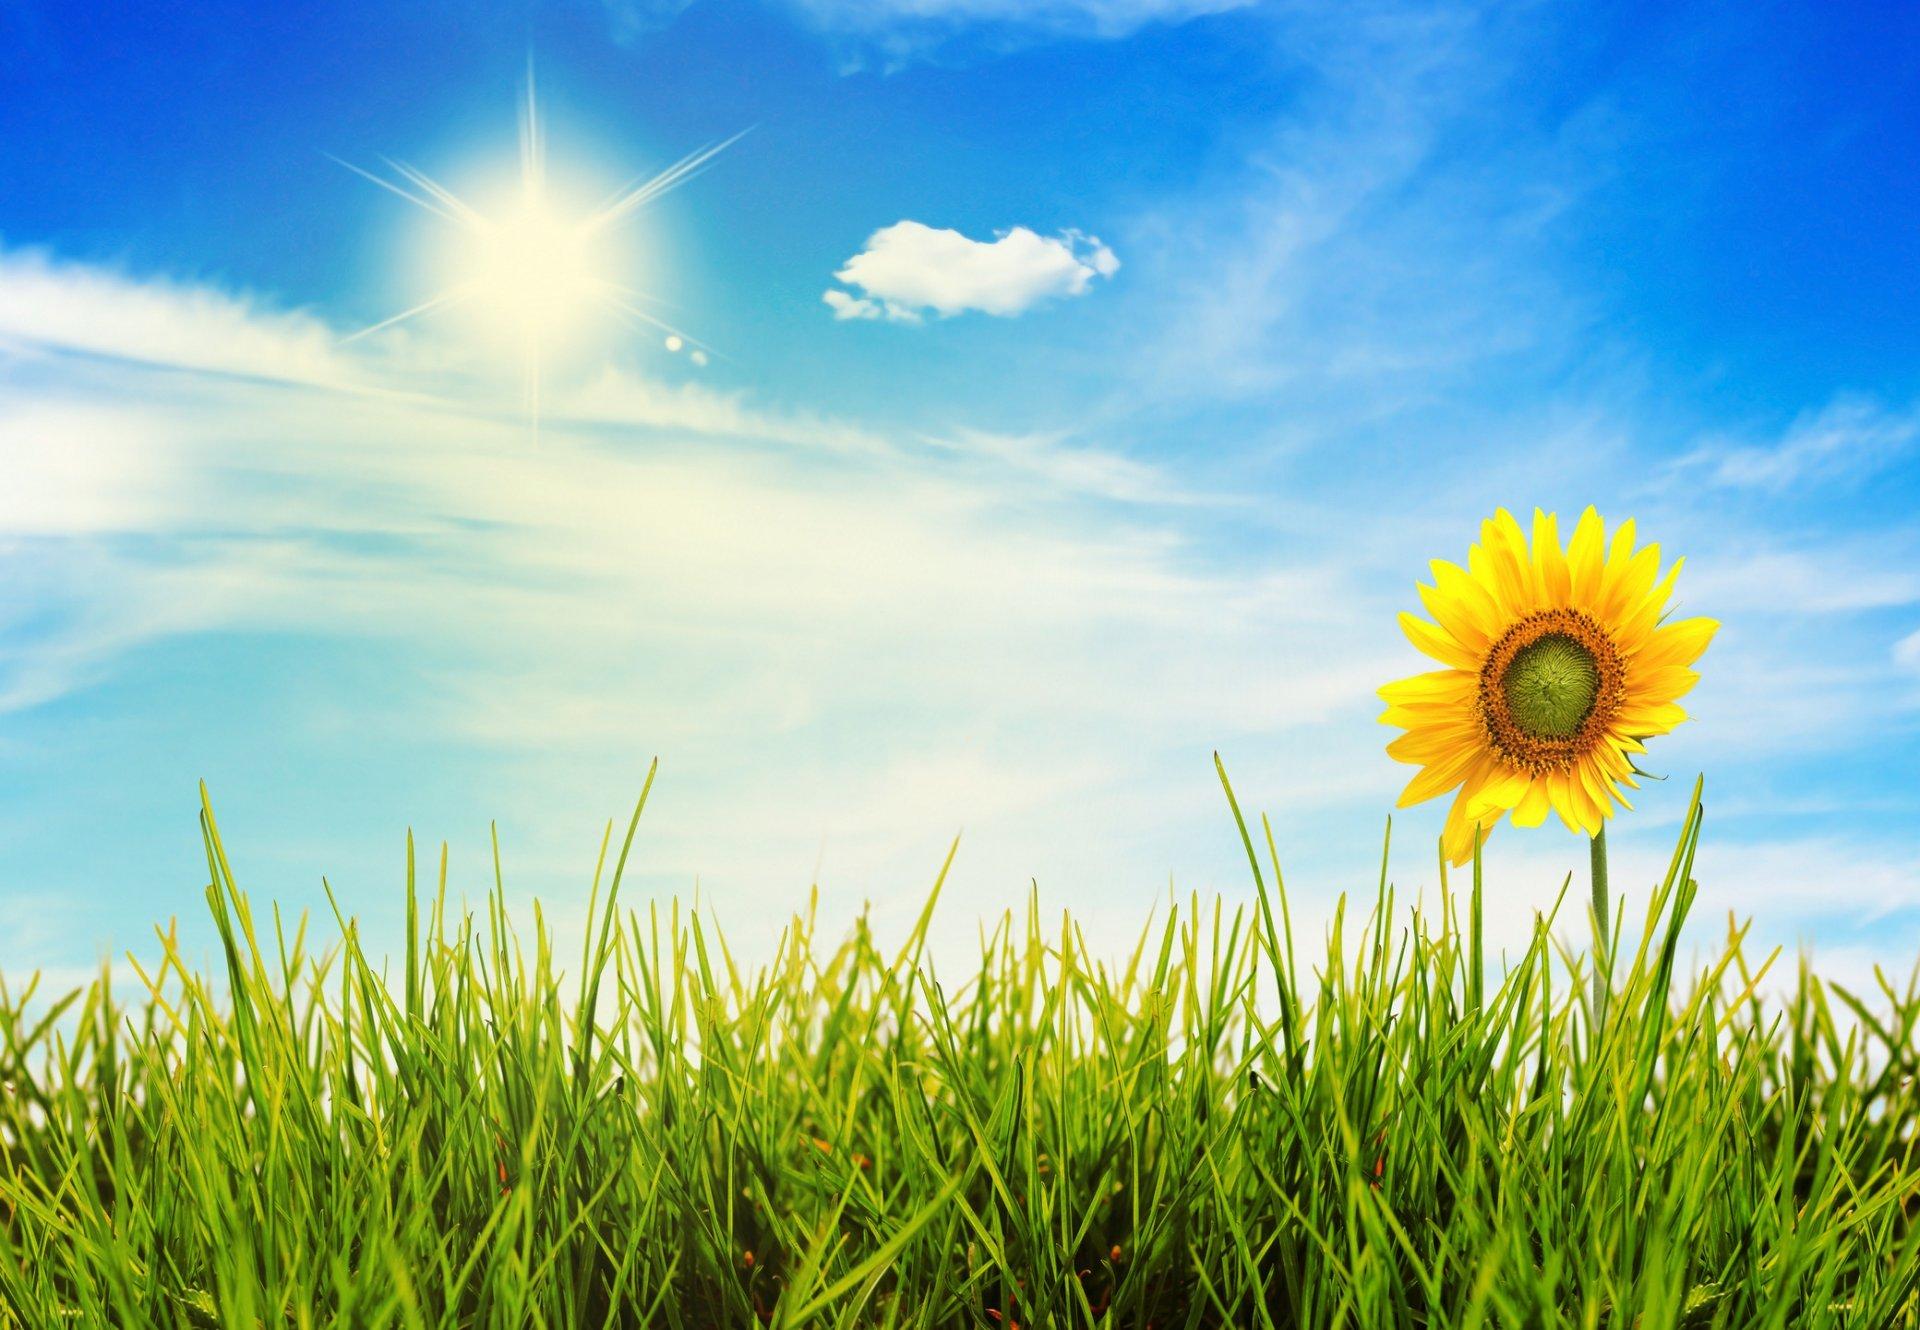 nature flower landscape grass sky sun light HD wallpaper